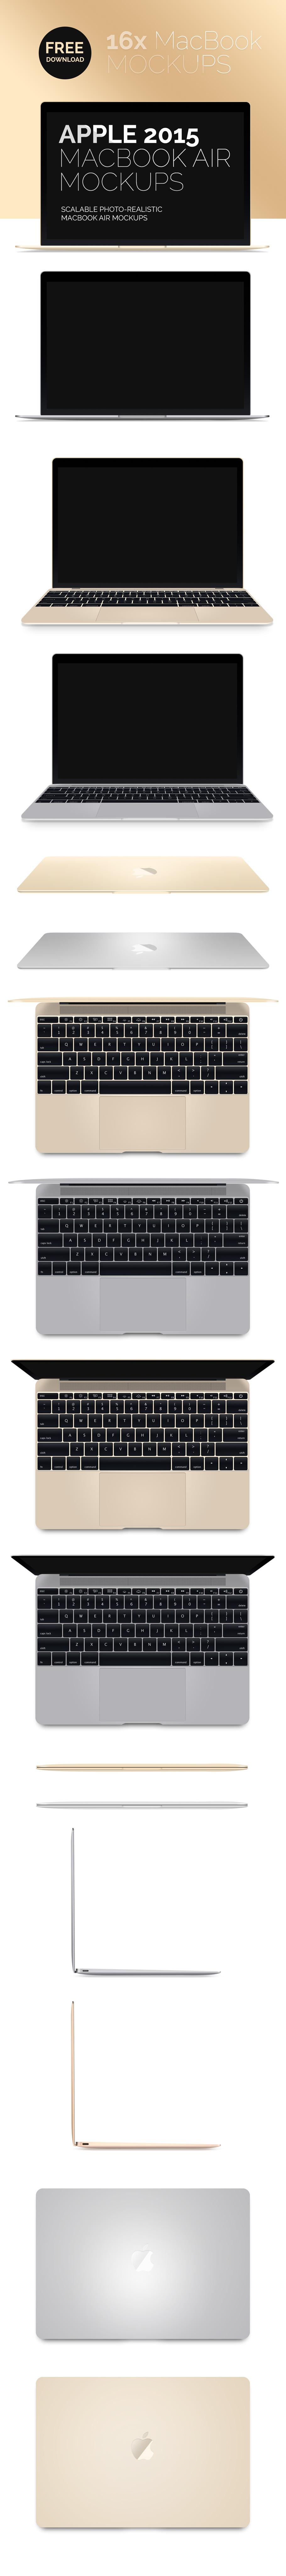 new-macbook-air-mockup